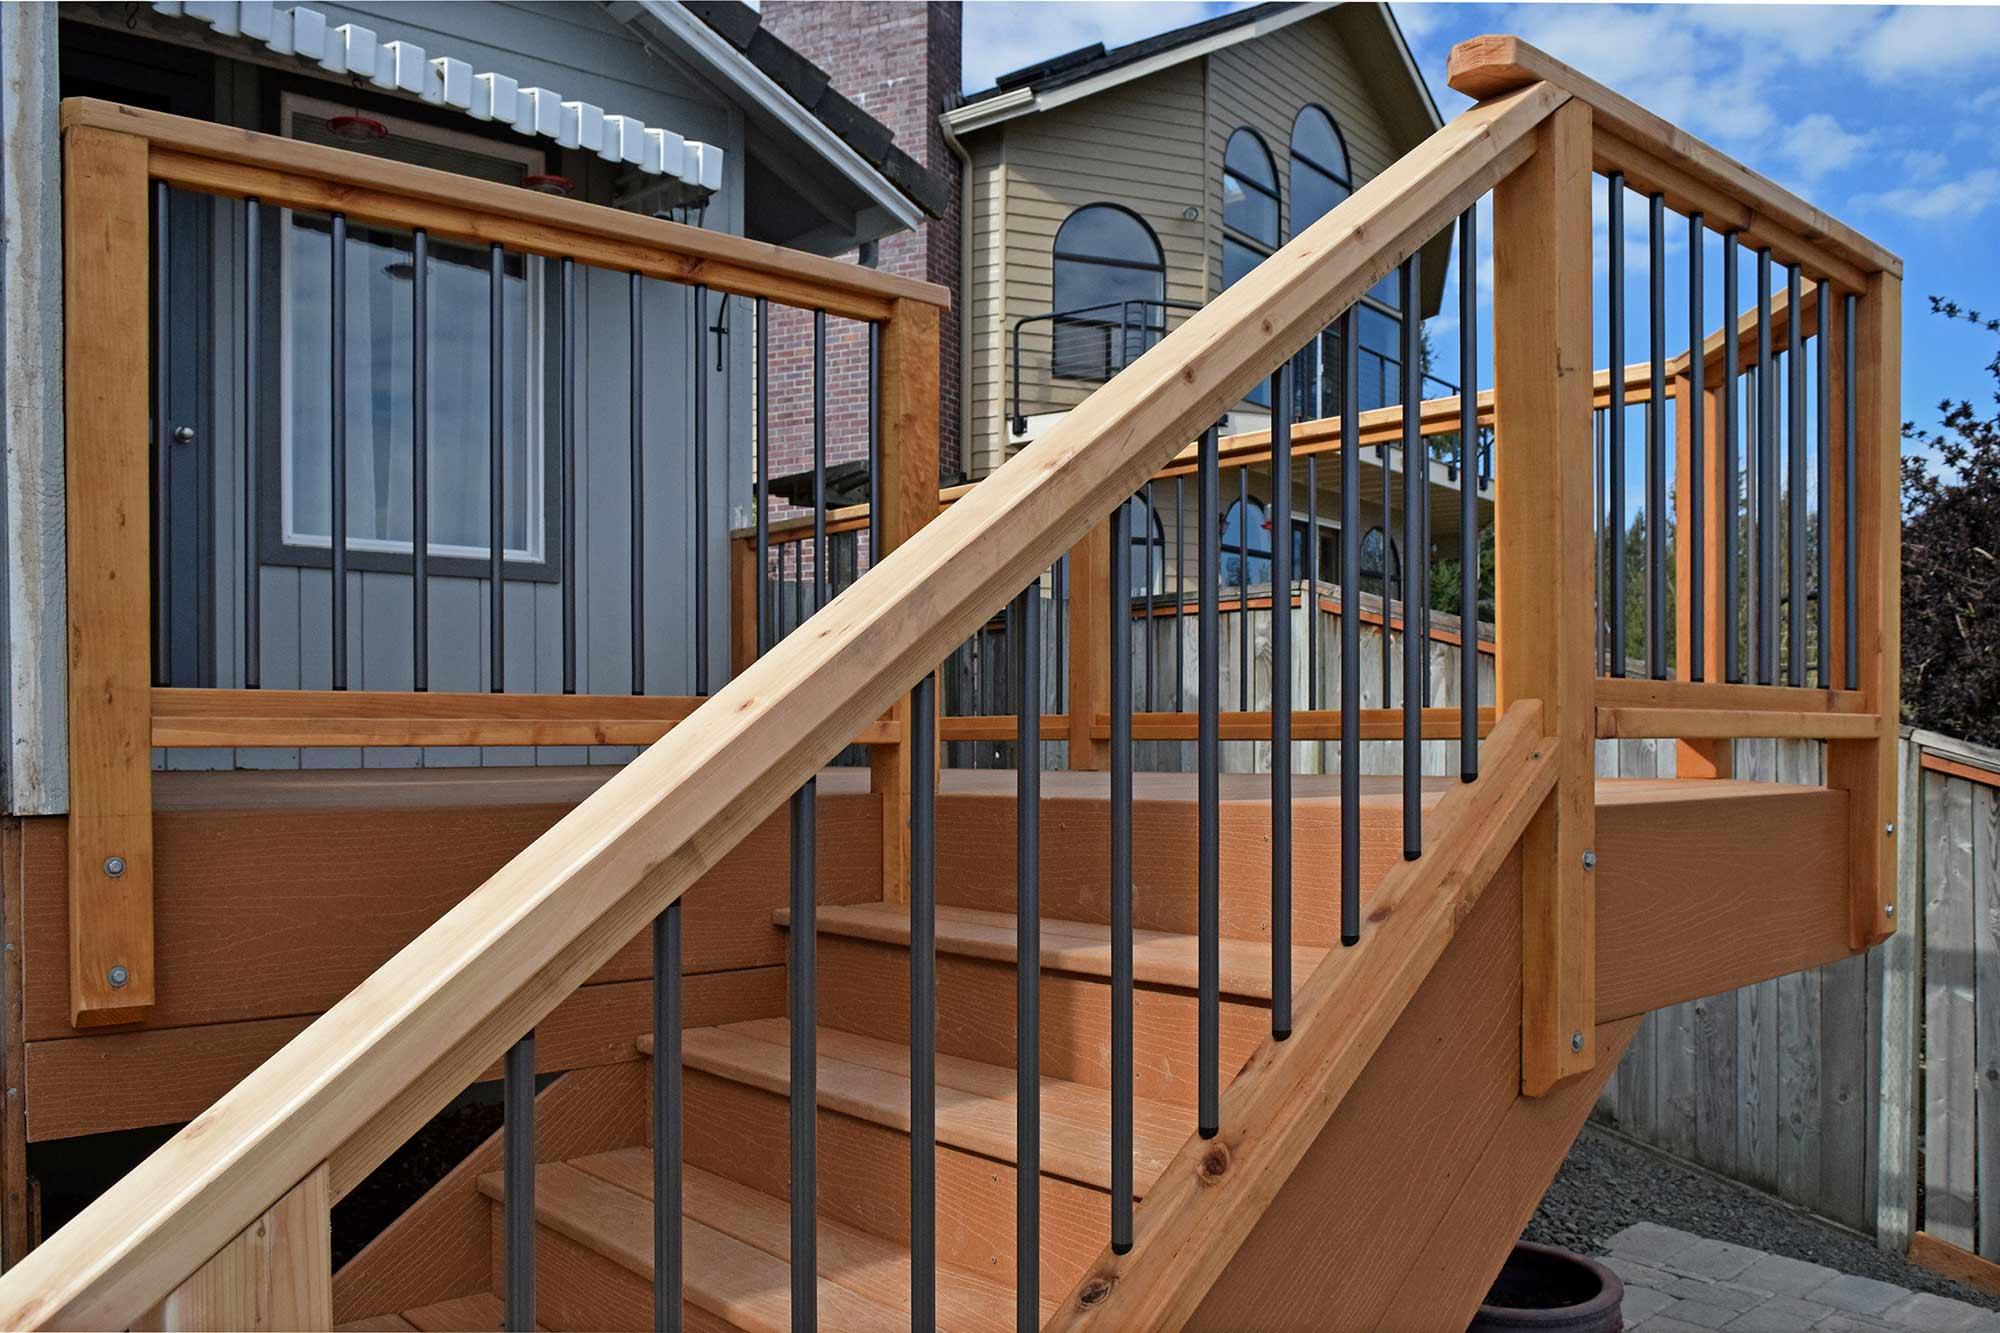 Composite decking material installation near yelm ajb for Composite decks